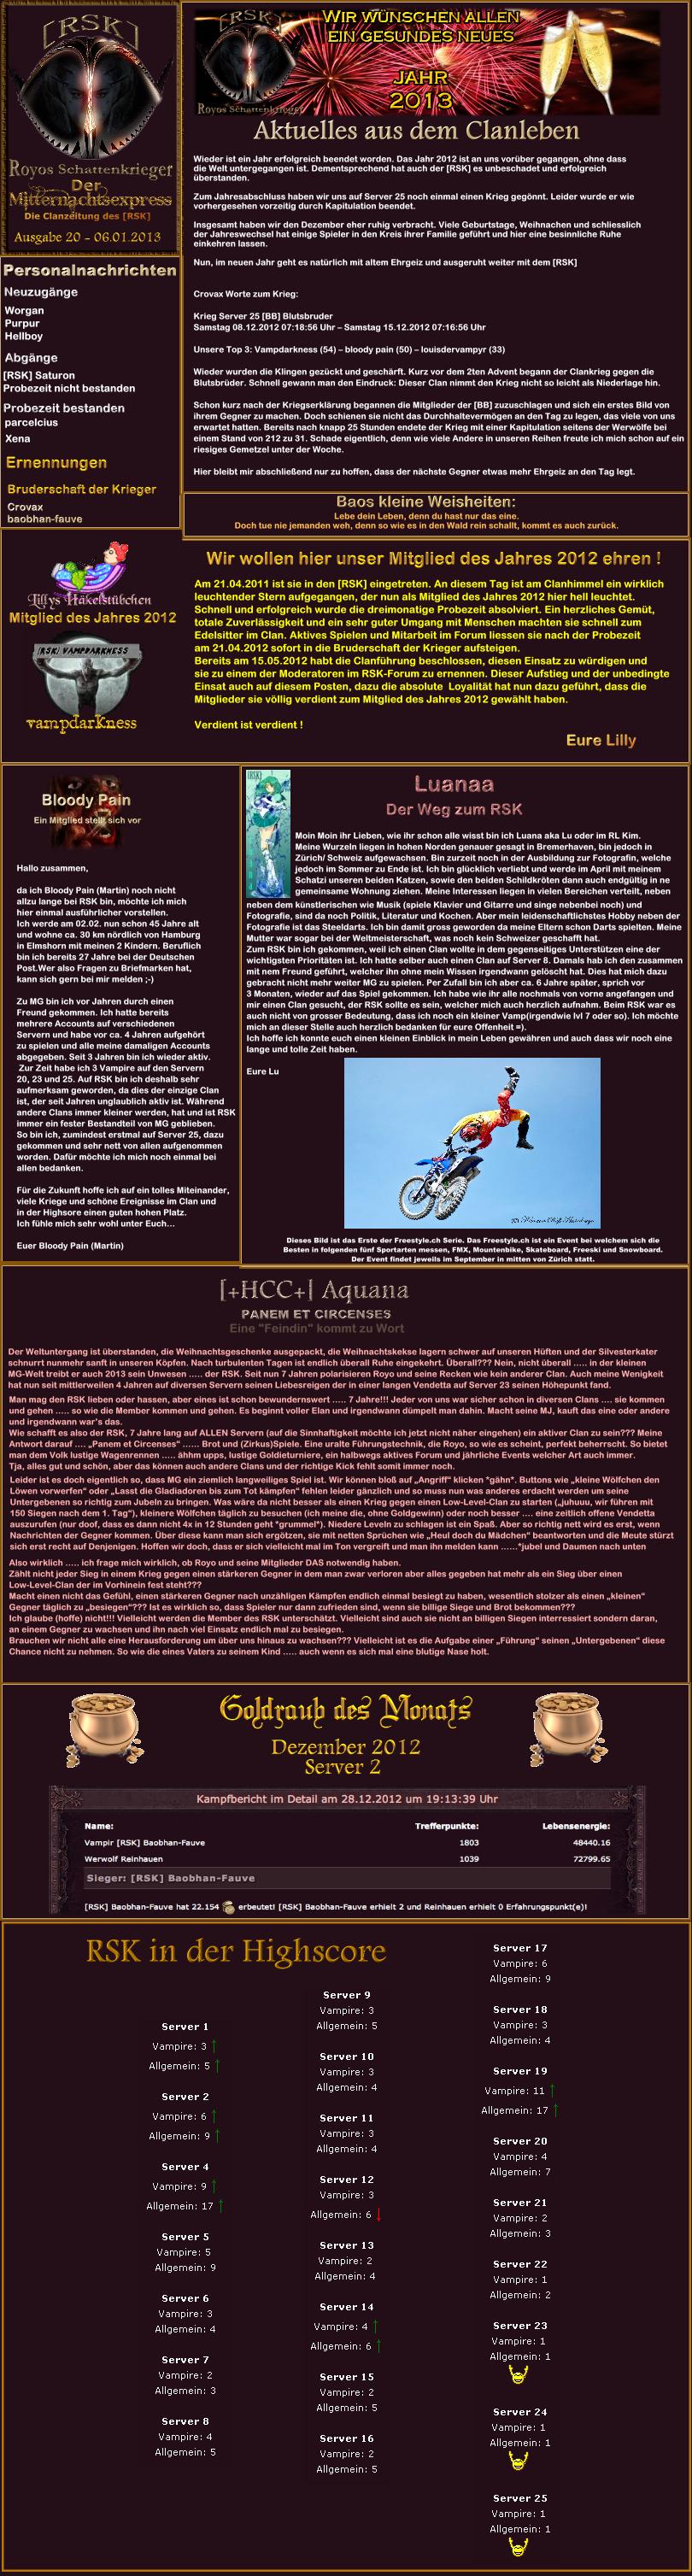 Ausgabe 20 - 06.01.2013 Eodidaqf